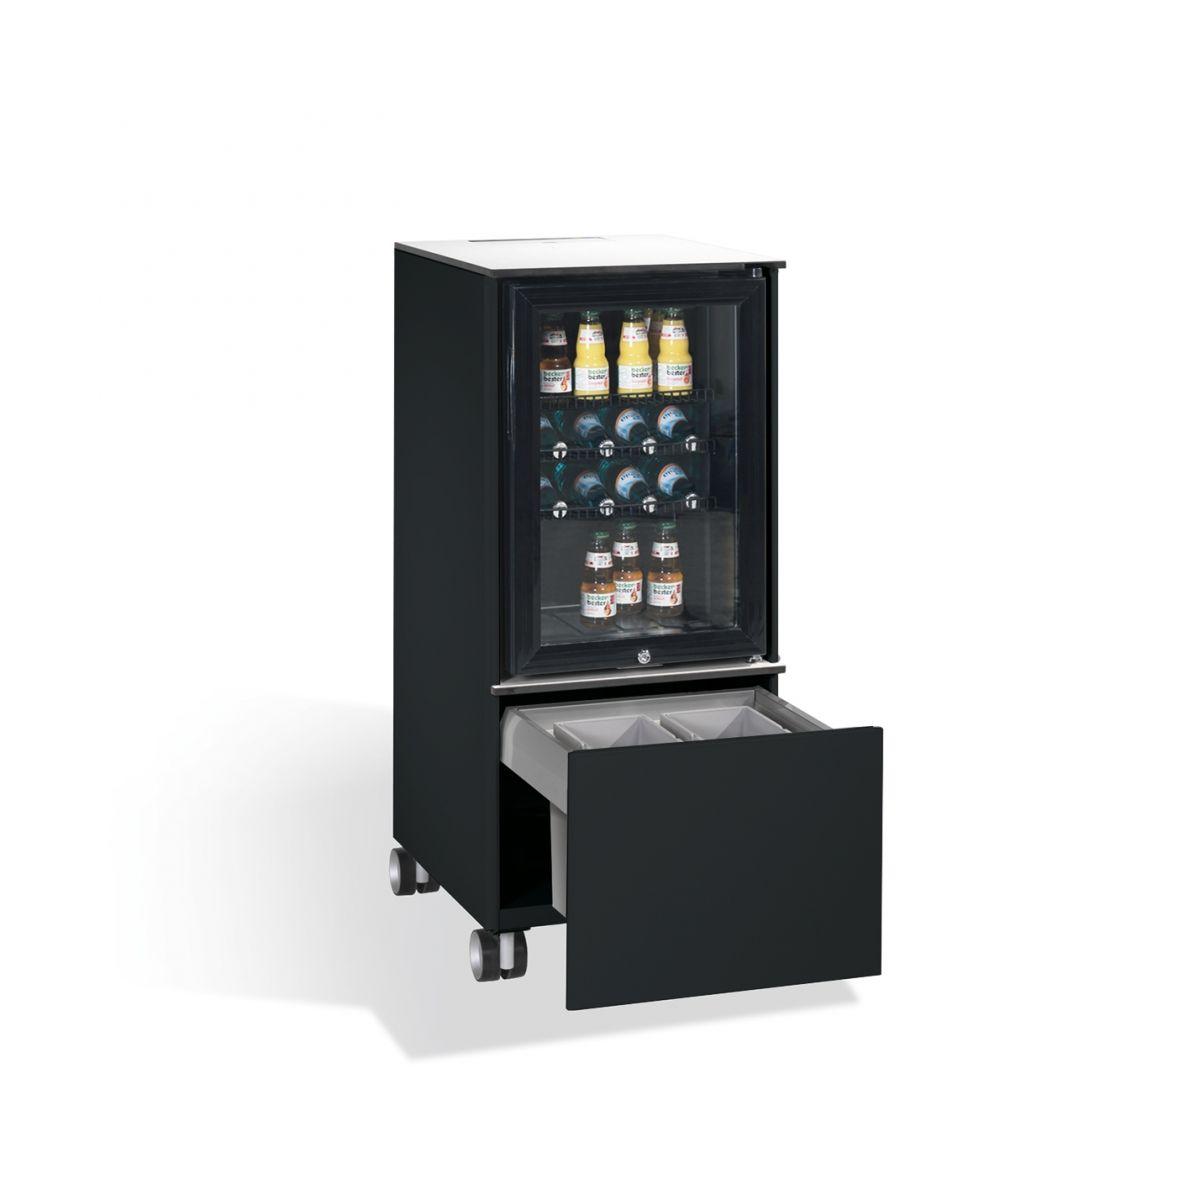 Kühlschrank Caddy mit Abfallsammler RAL 7021 anthrazit